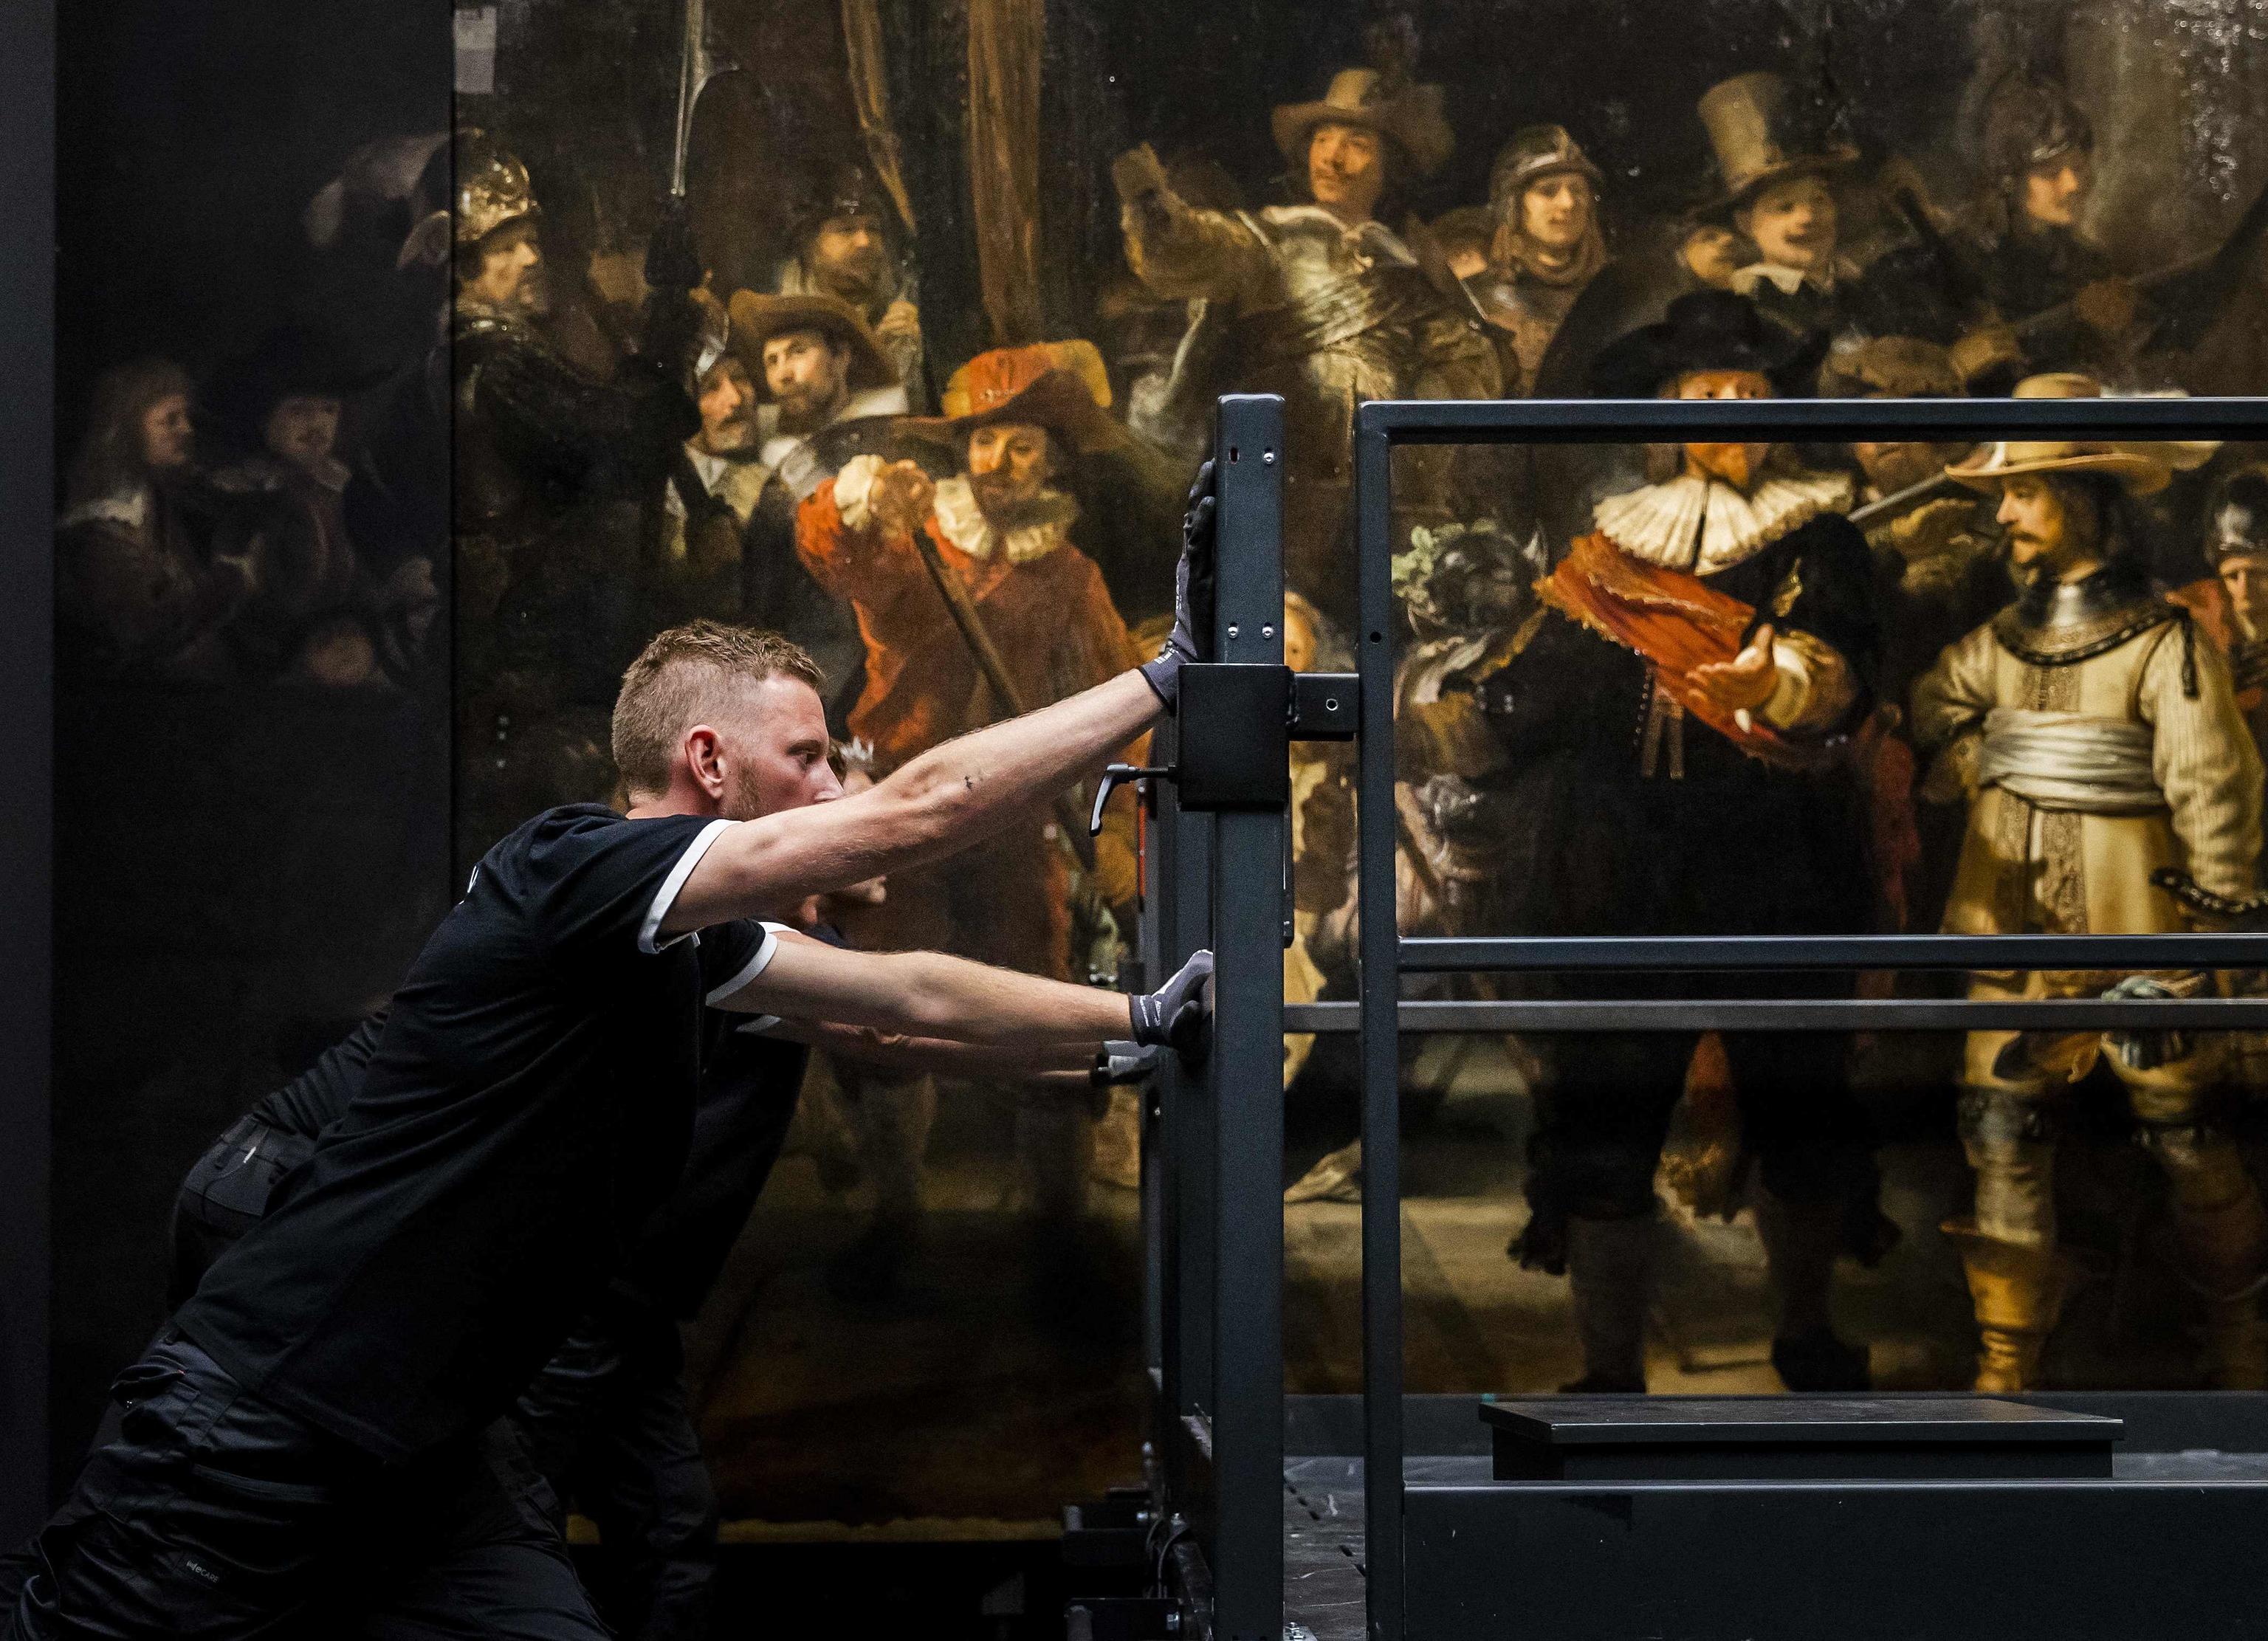 Un trabajador junto al cuadro de Rembrandt.